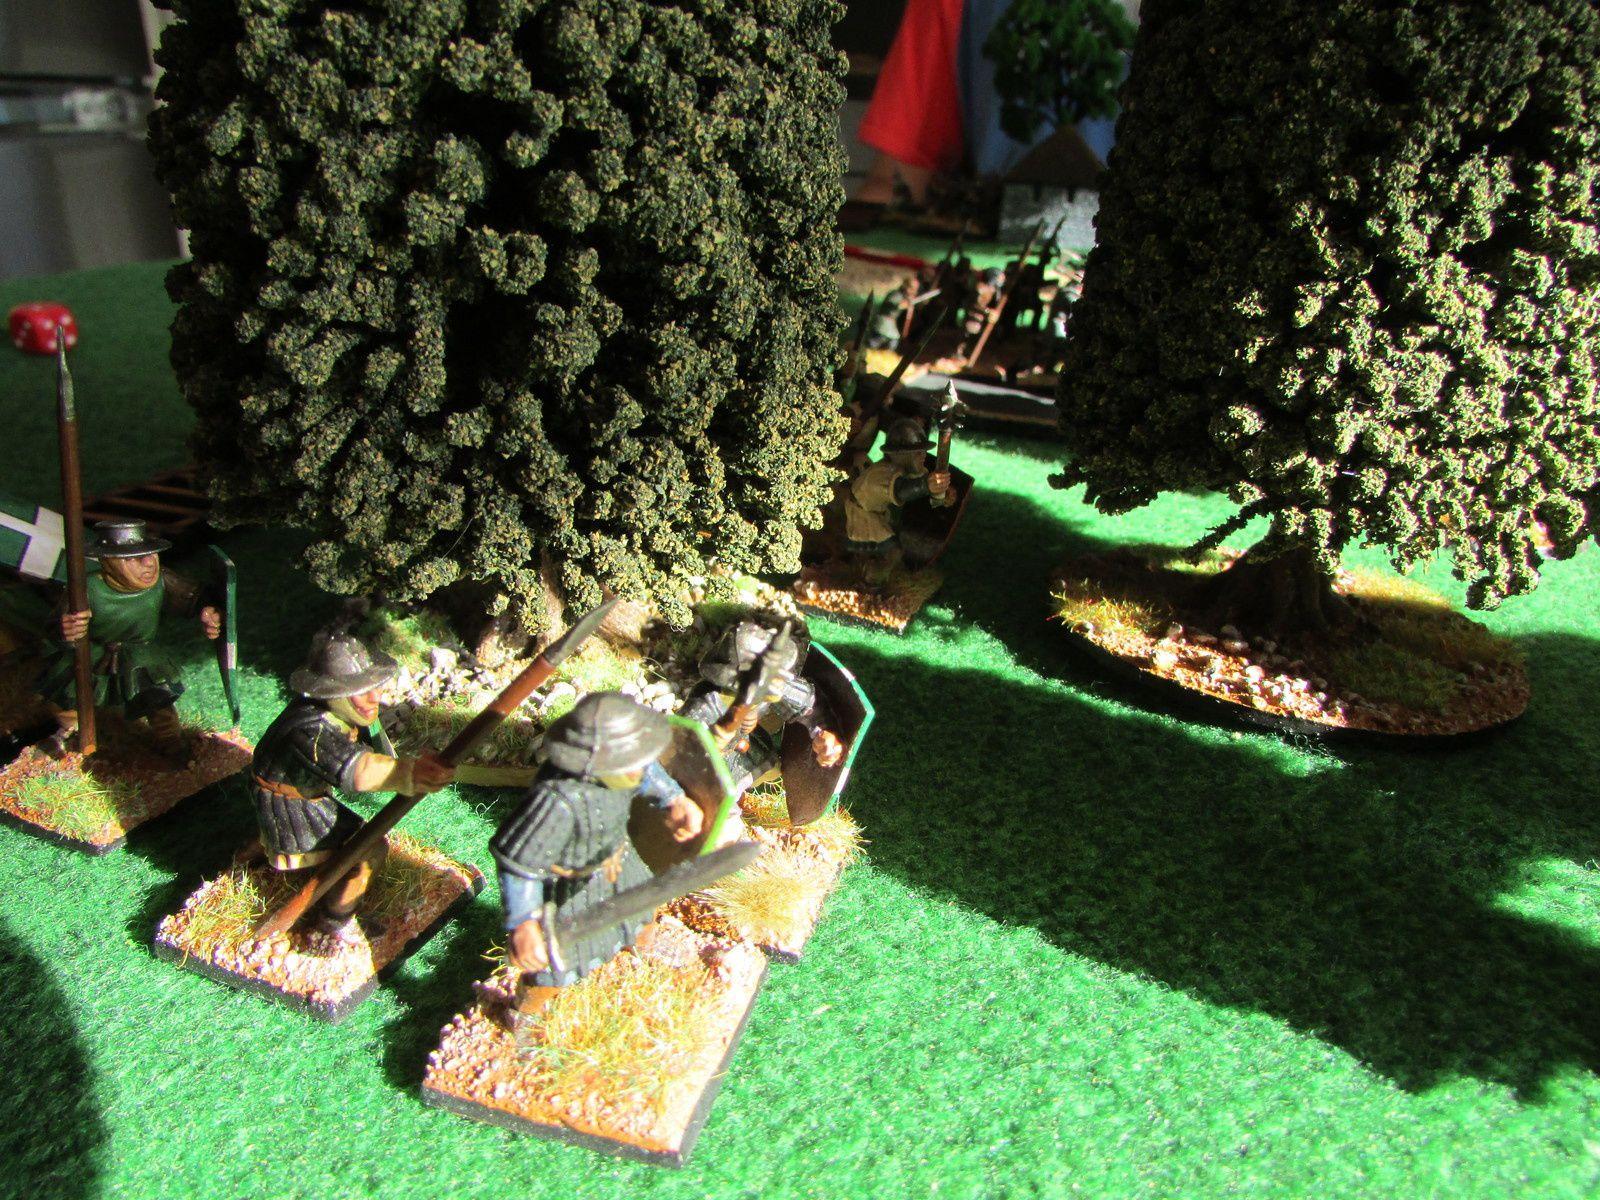 Les troupes avance à grand pas pour atteindre les remparts sous le couvert des bois et des habitations